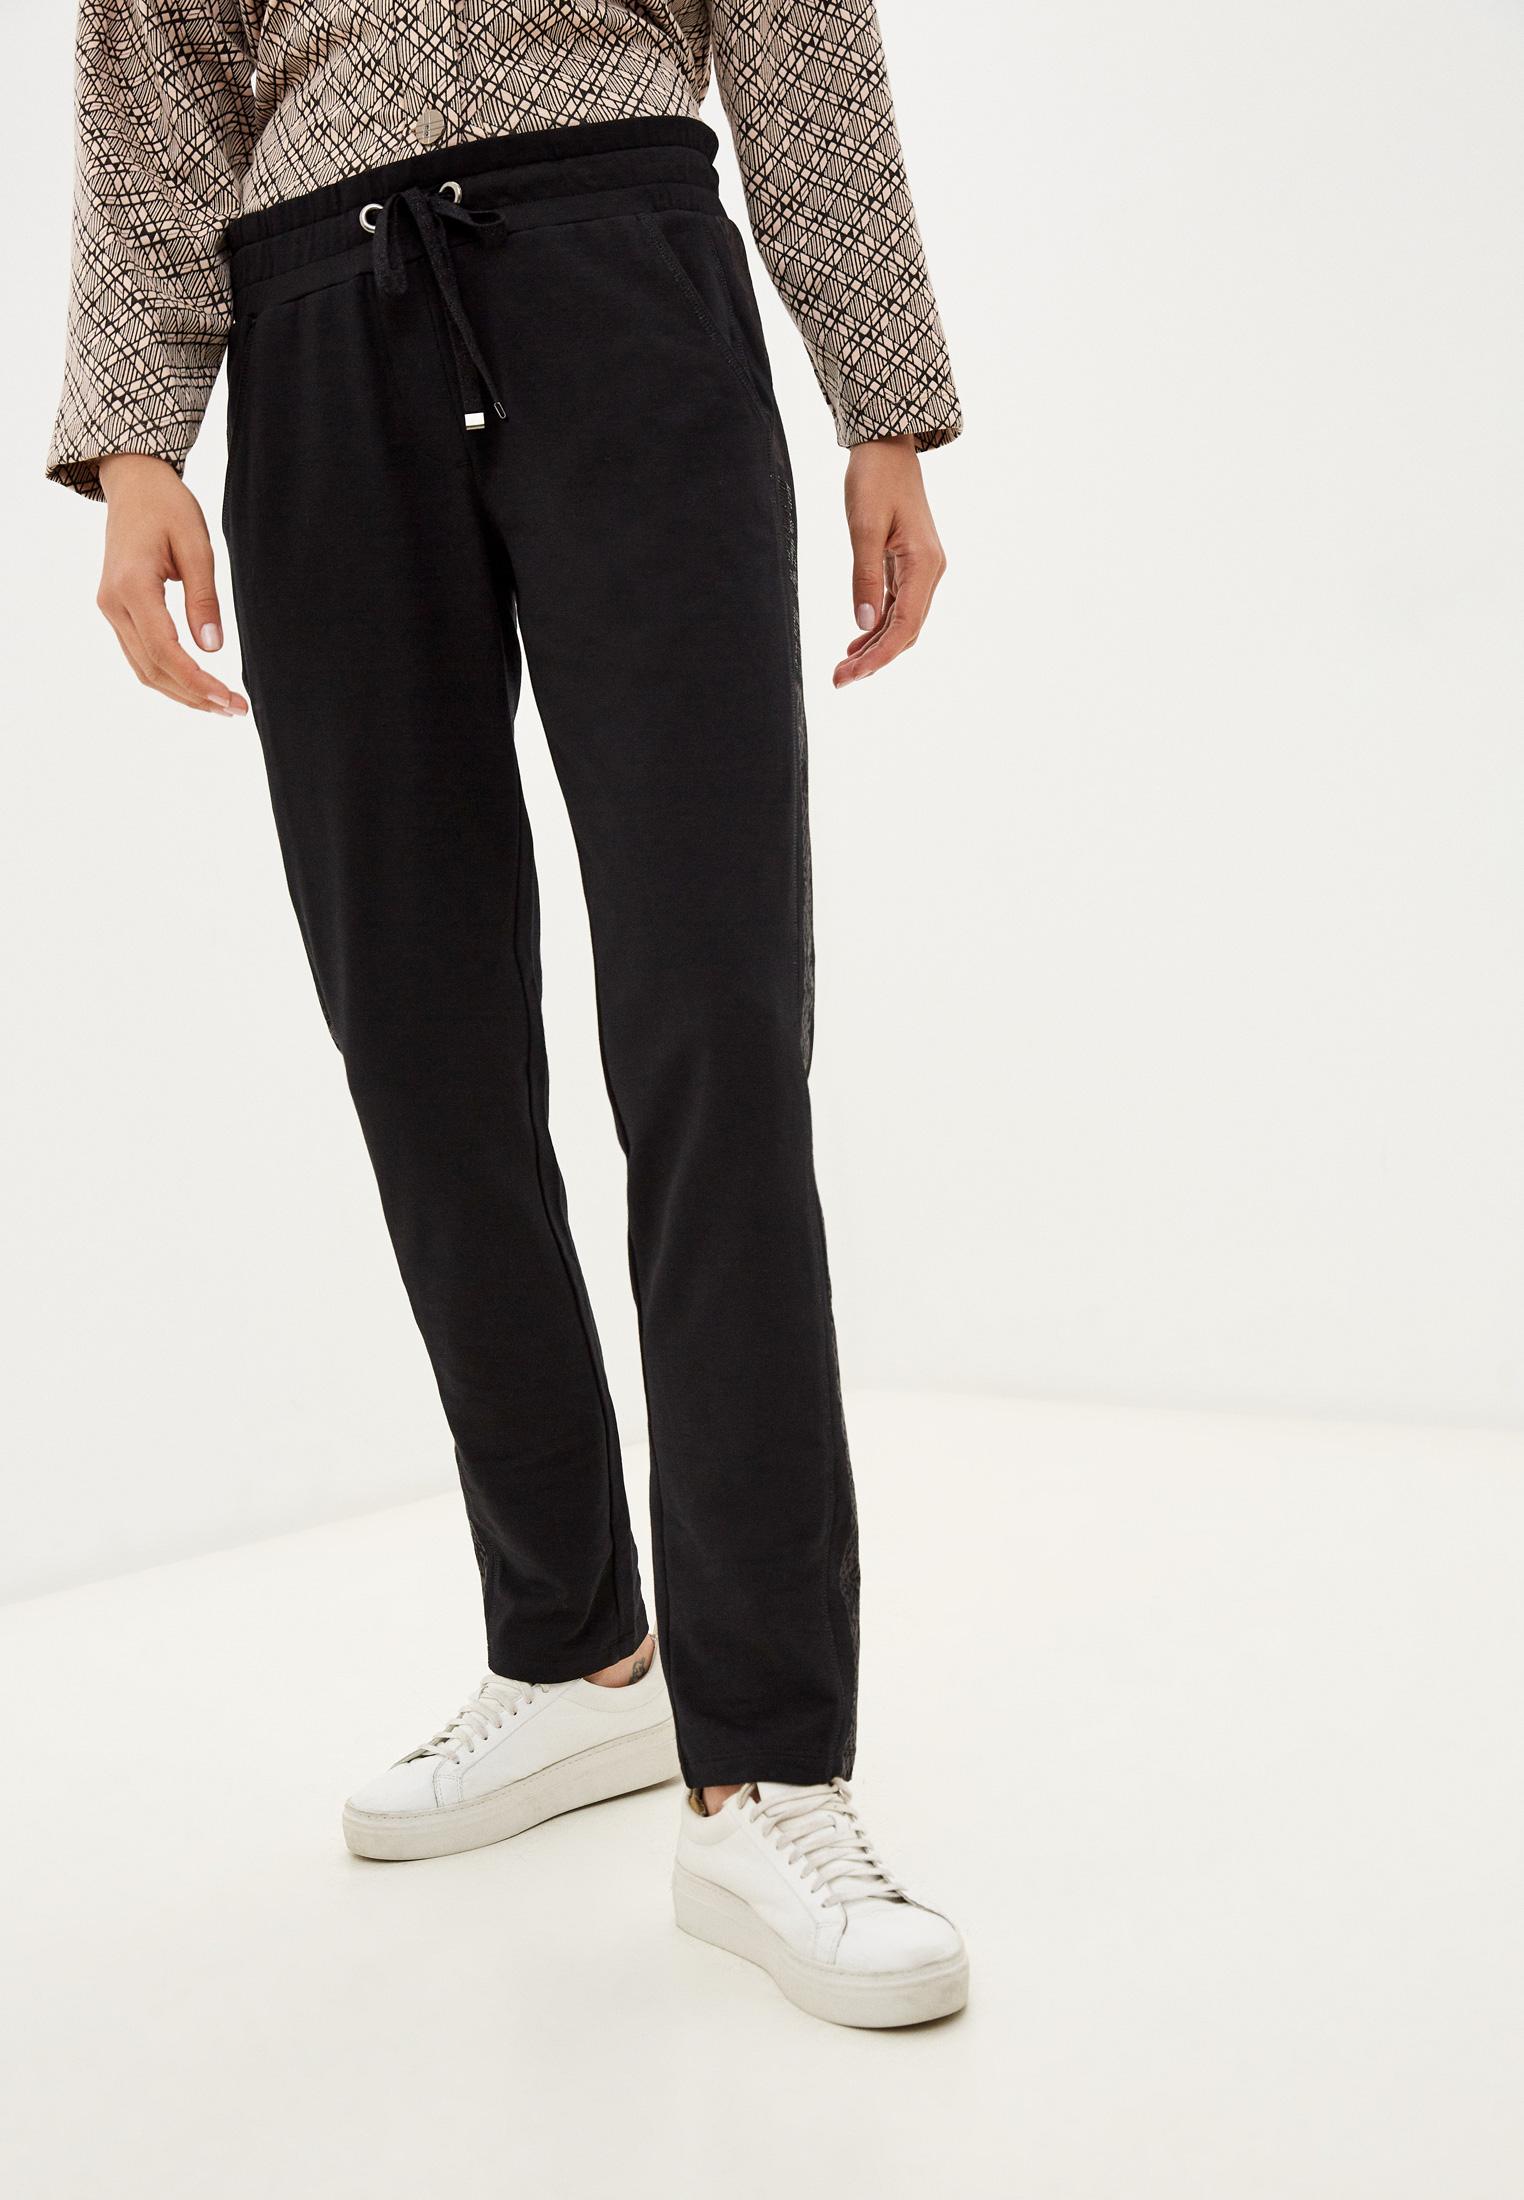 Женские спортивные брюки Betty Barclay 6259/2537